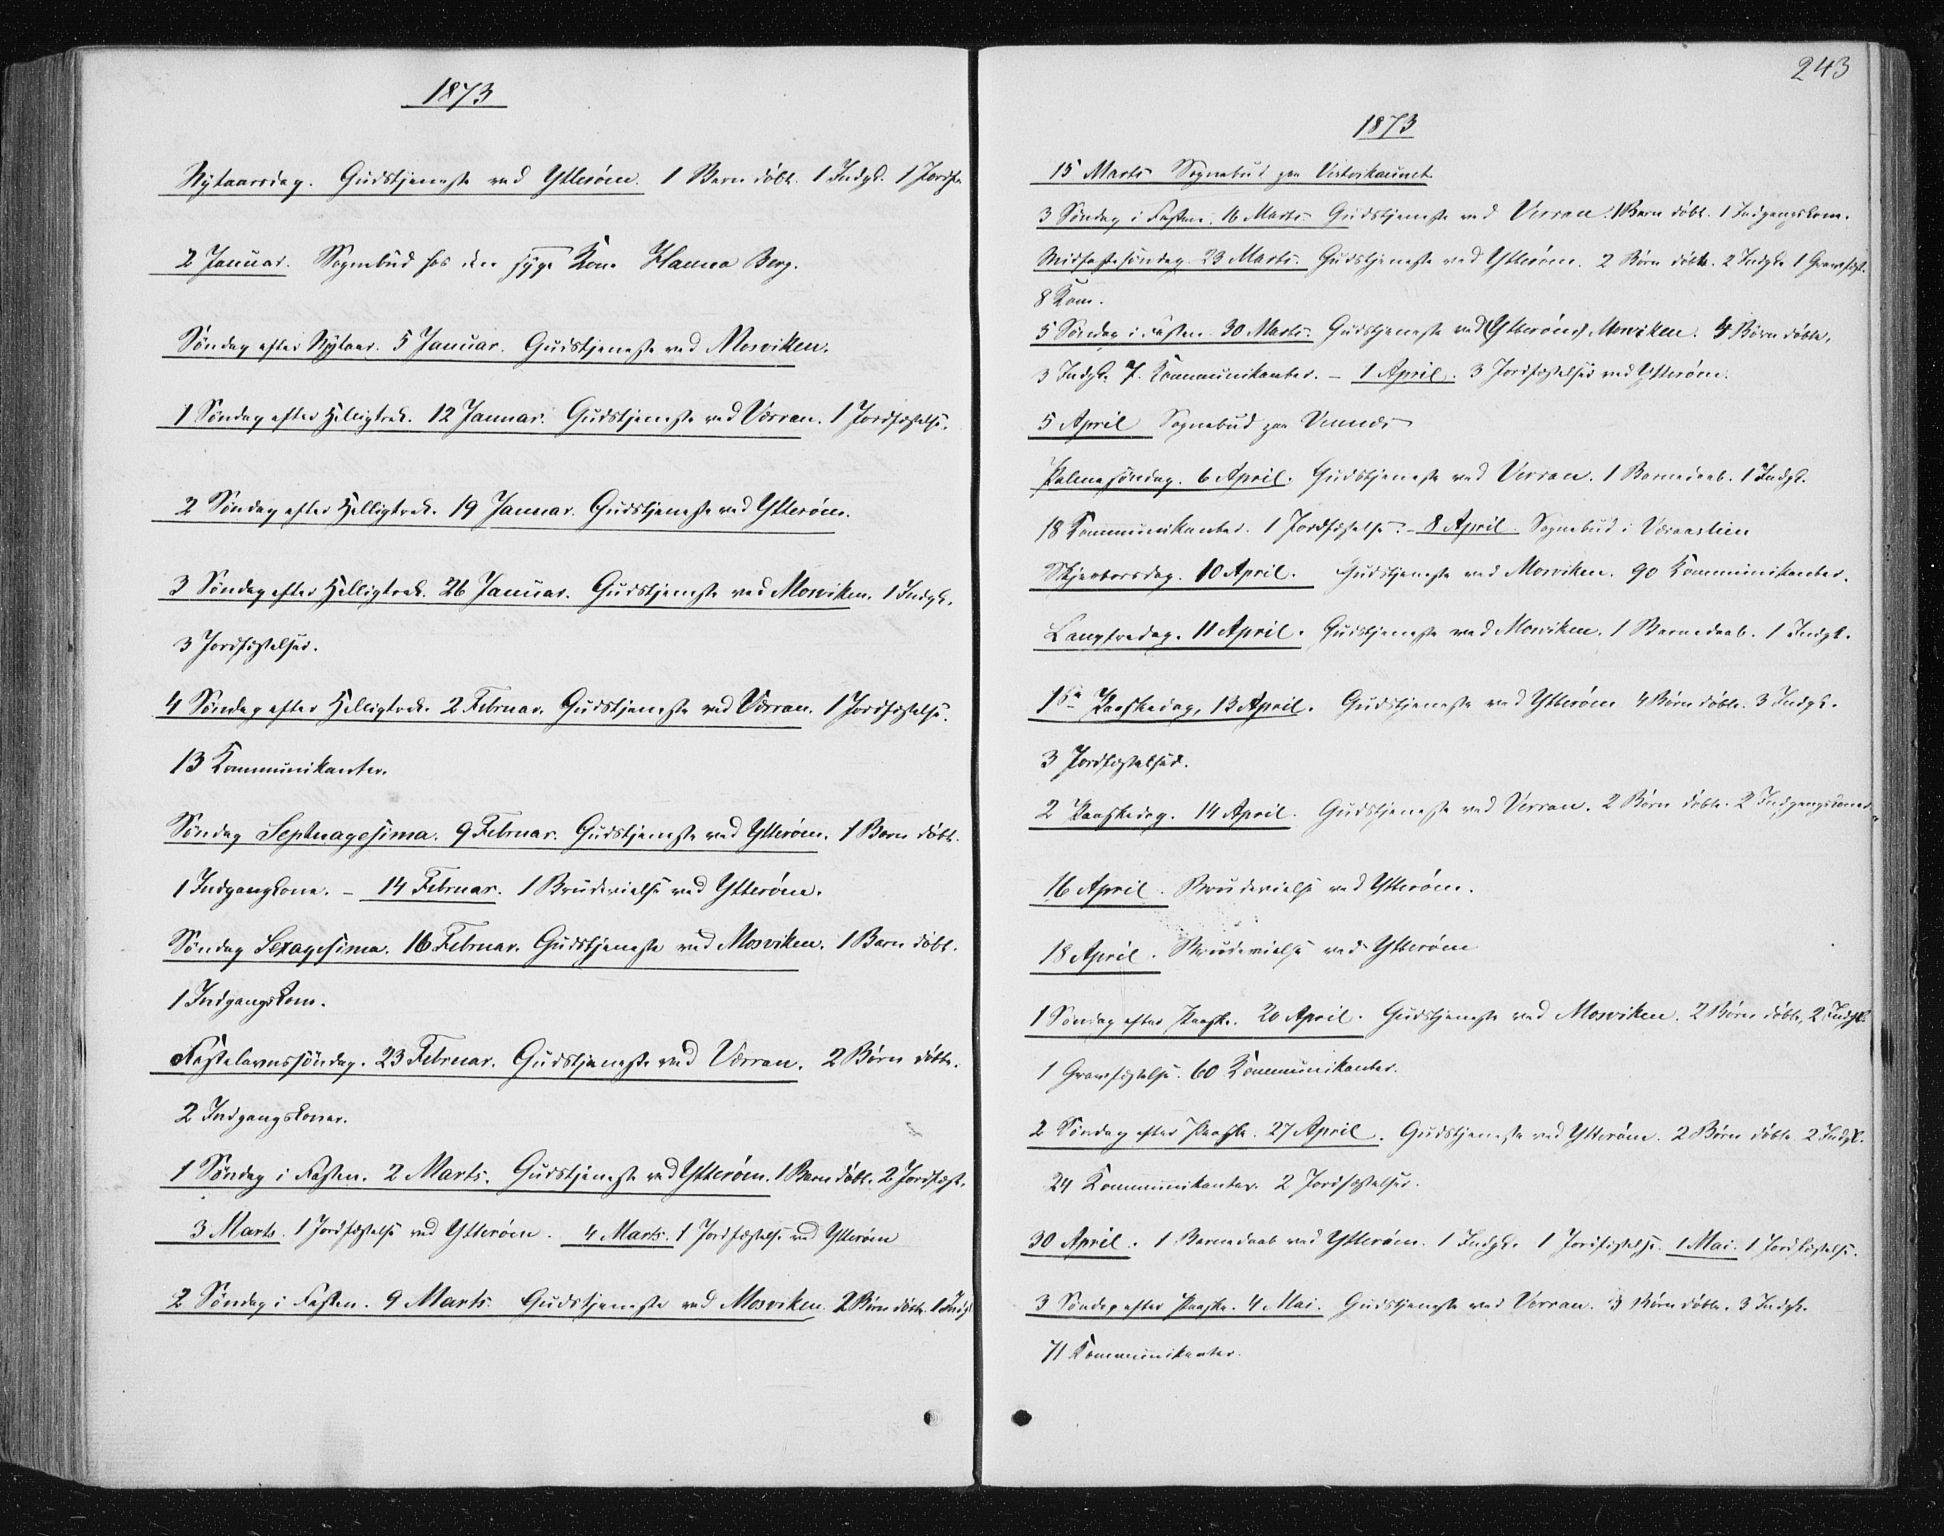 SAT, Ministerialprotokoller, klokkerbøker og fødselsregistre - Nord-Trøndelag, 722/L0219: Ministerialbok nr. 722A06, 1868-1880, s. 243